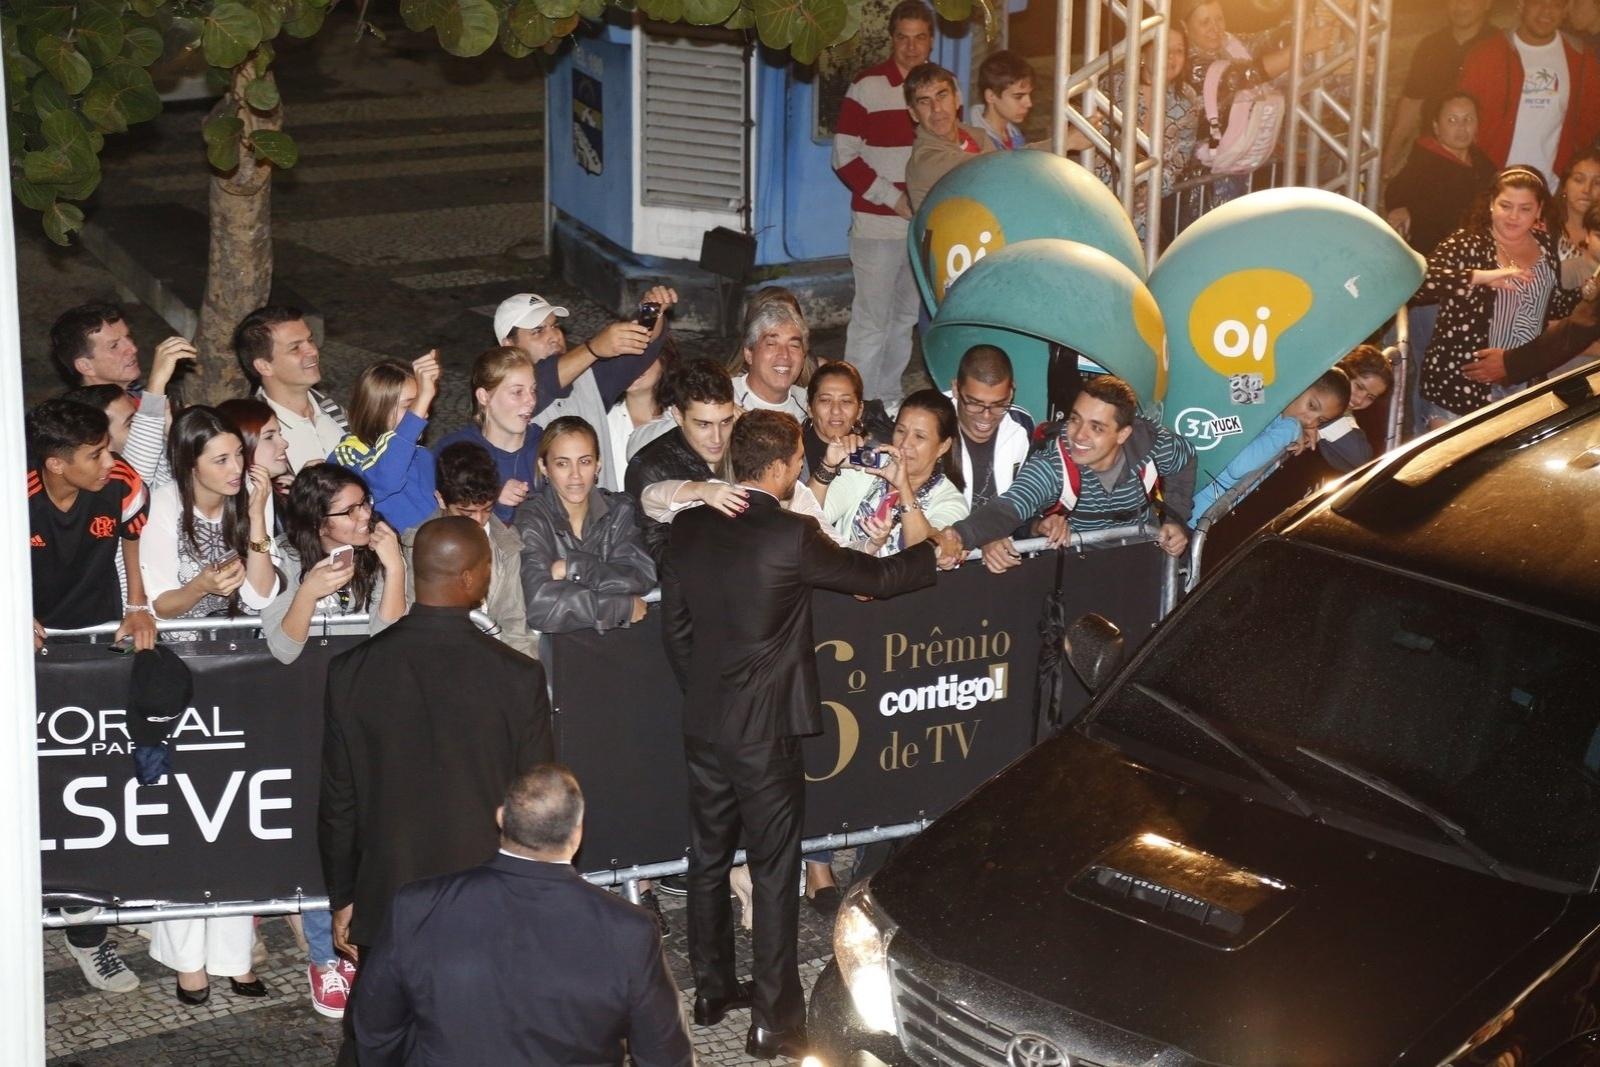 28.jul.2014 - Cauã Reymond atendeu aos fãs assim que chegou ao hotel Copacabana Palace para a 16ª edição do Prêmio Contigo! de TV